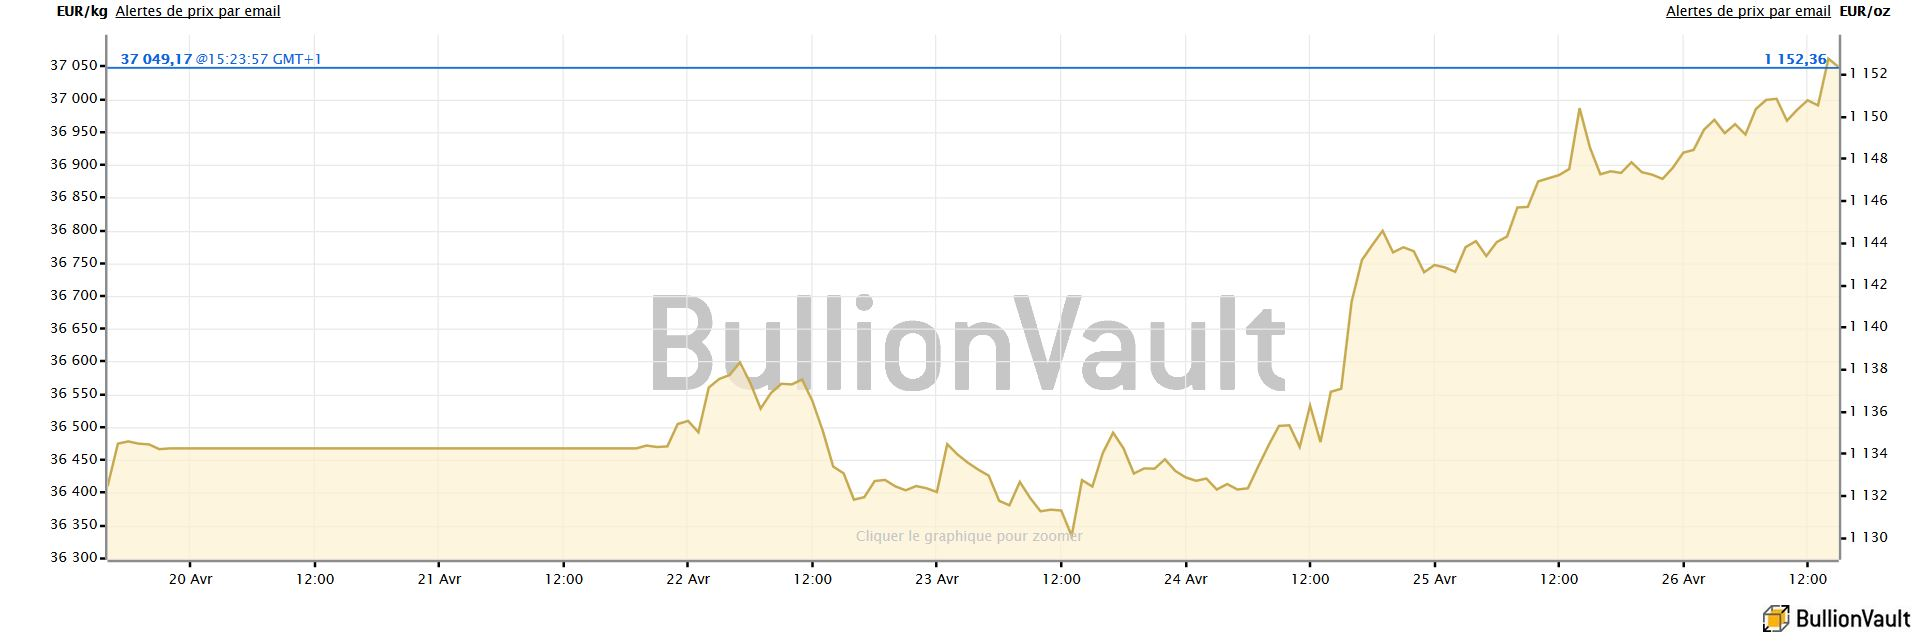 Cours de l'or en euros par once, gain sur la semaine, BullionVault